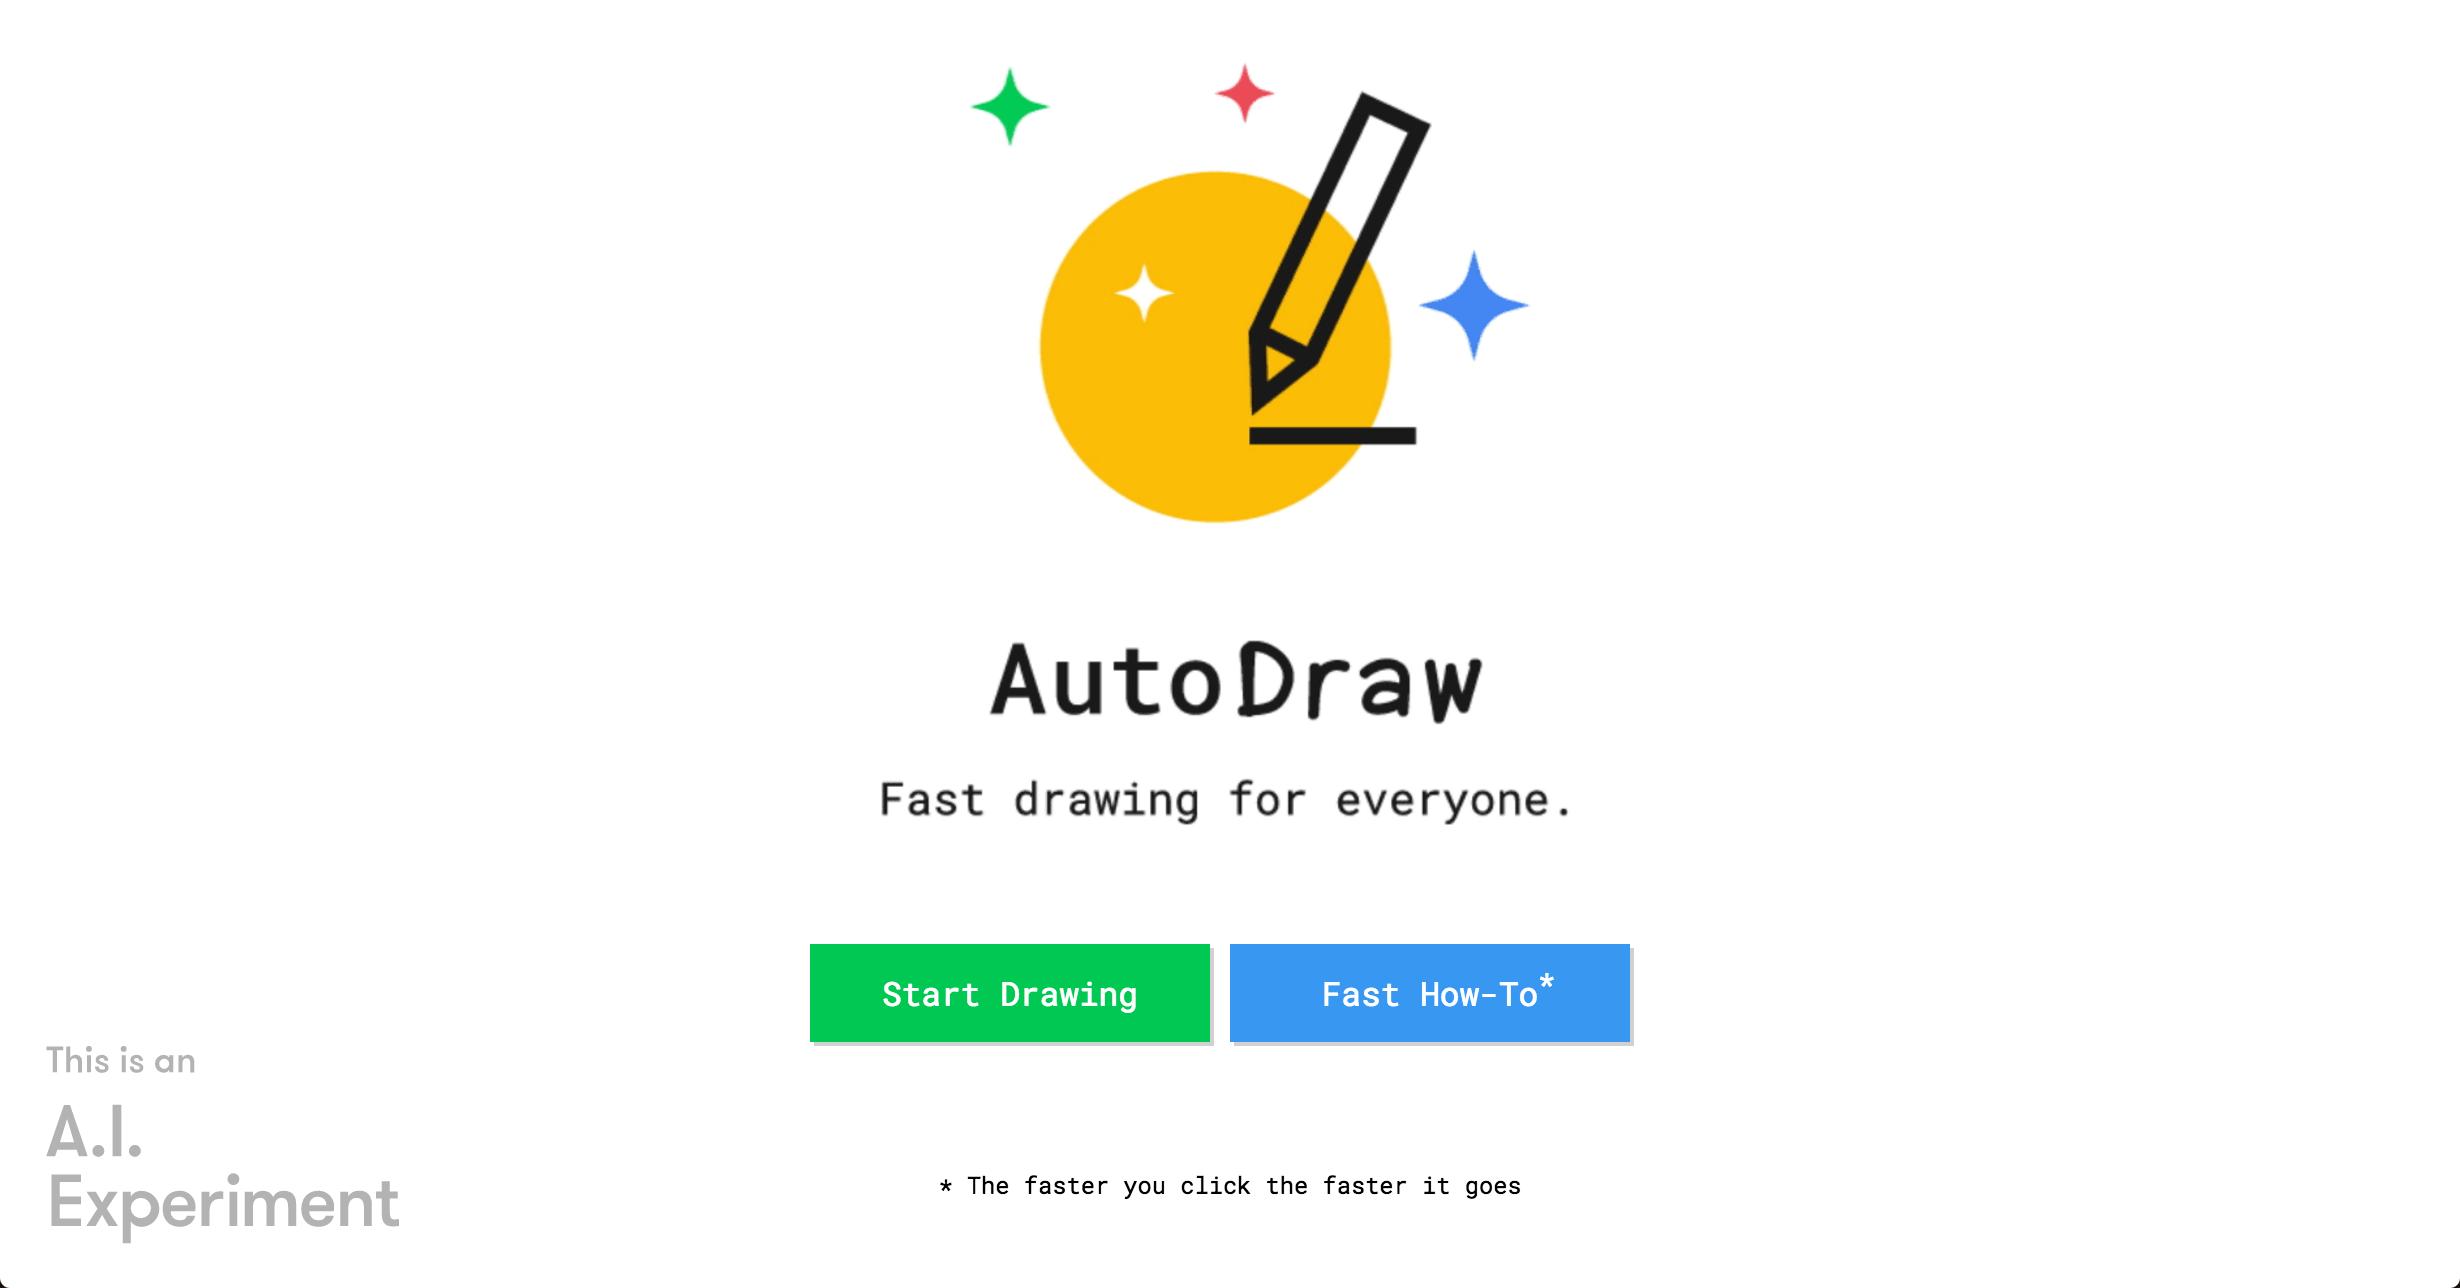 AIお絵かきツール「AutoDraw」が面白い!